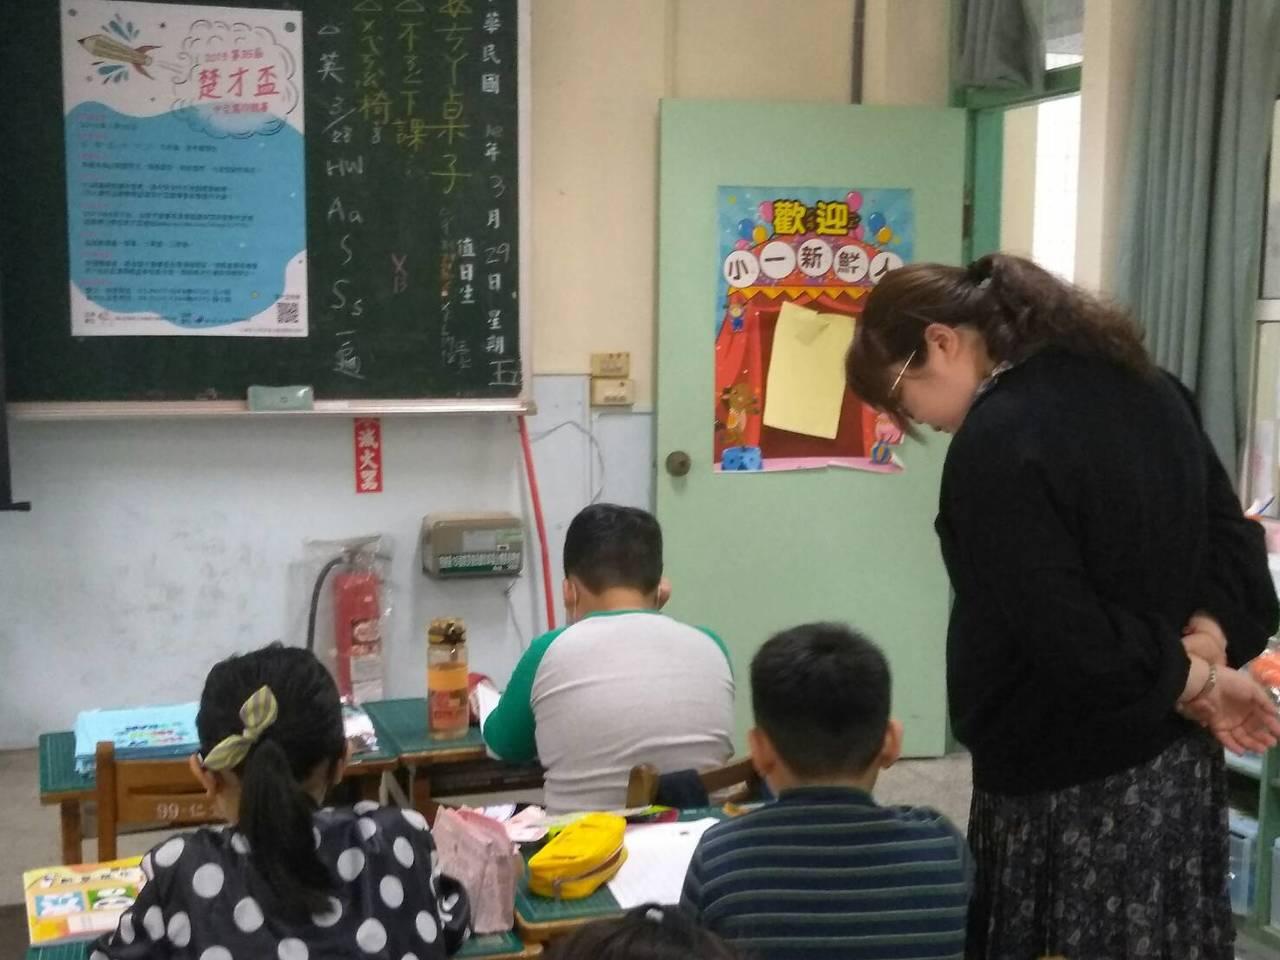 第35屆武漢楚才盃作文競賽,今年有近3萬人應試。圖/聯合報教育事業部提供